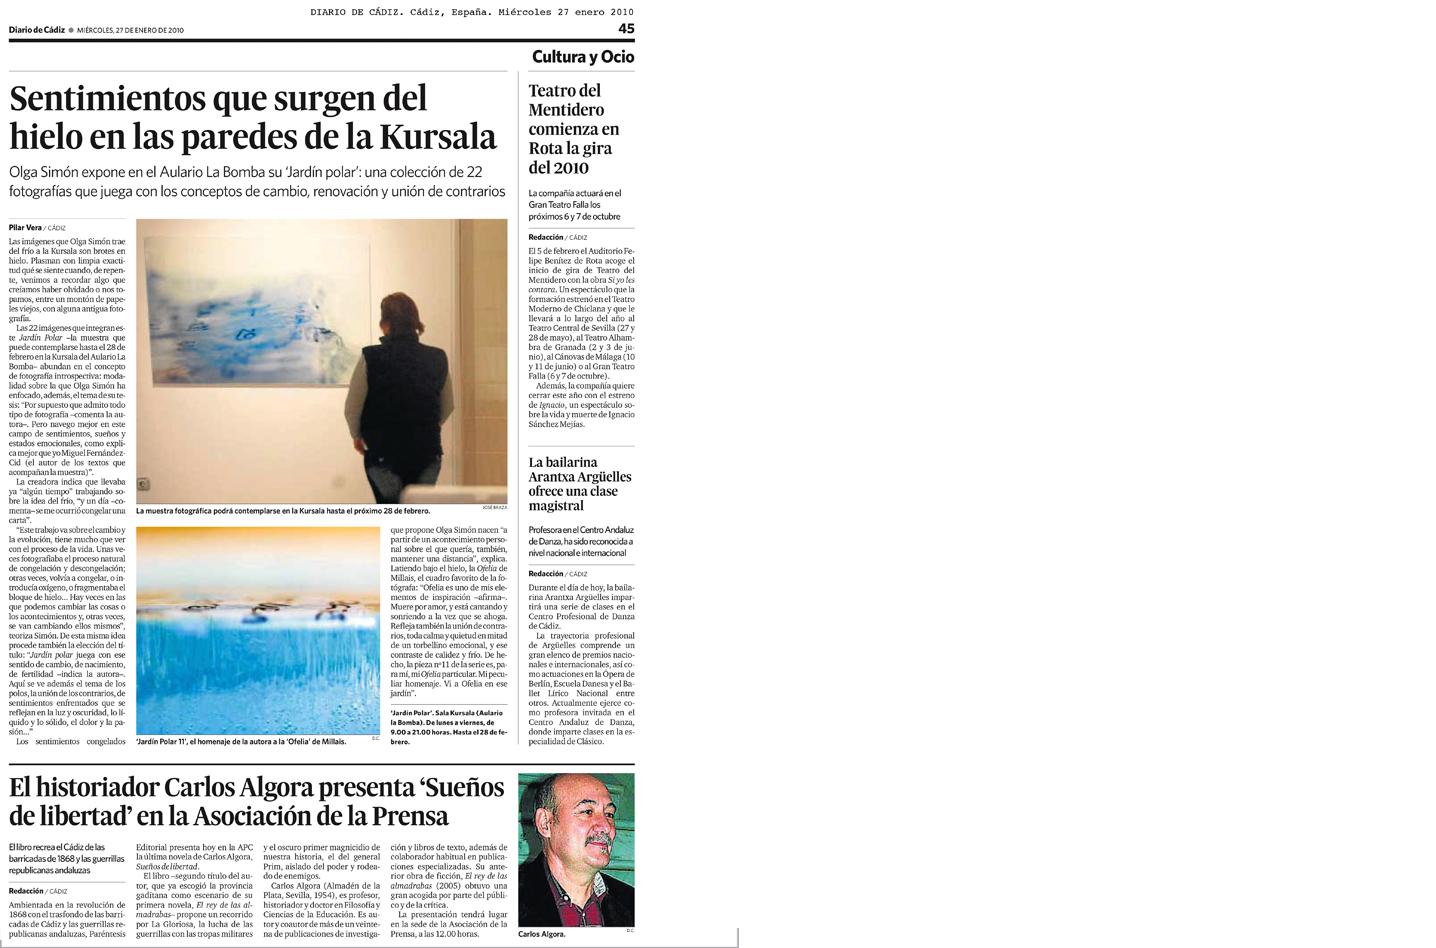 Olga Simón, Jardín polar, Cádiz. Diario de Cádiz. Pilar Vera